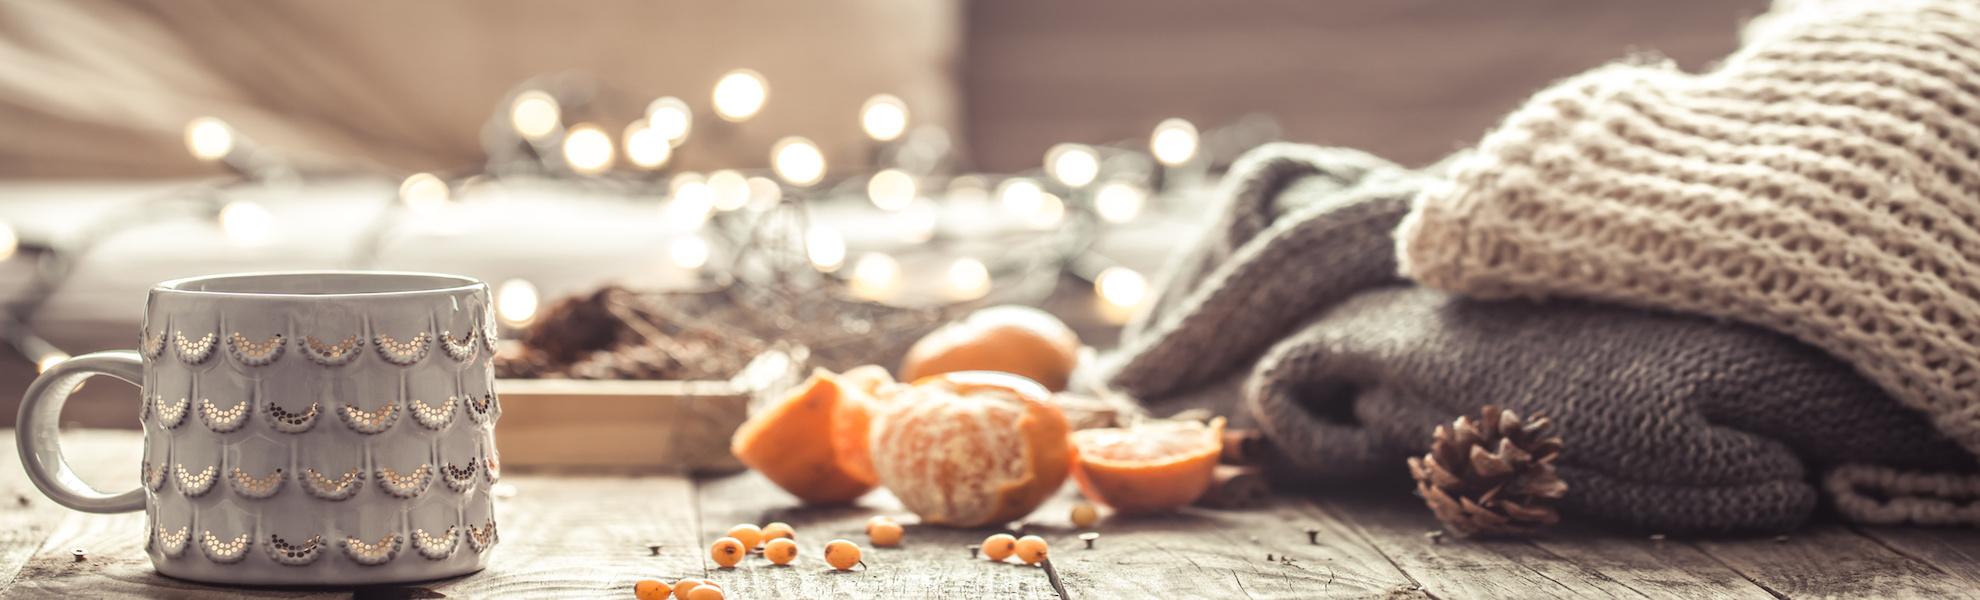 Winter-Heißgetränk-Mandarinen-Nadelbaumzapfen-Decken-Holzbank-Sterme-Lichterkette